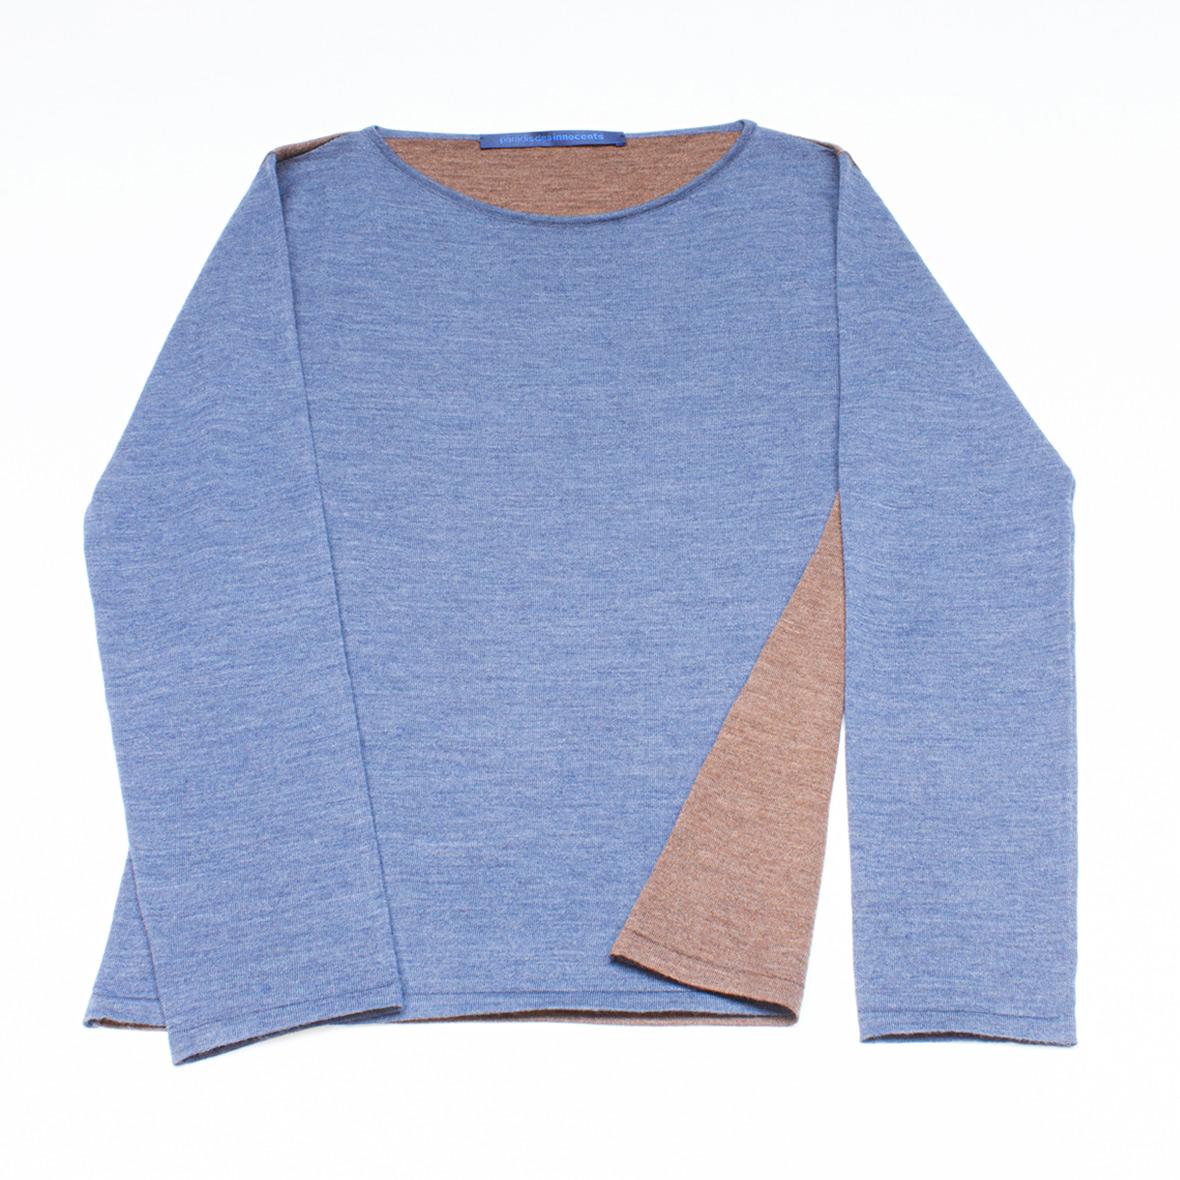 Strickpullover blau/marron aus Merinowolle